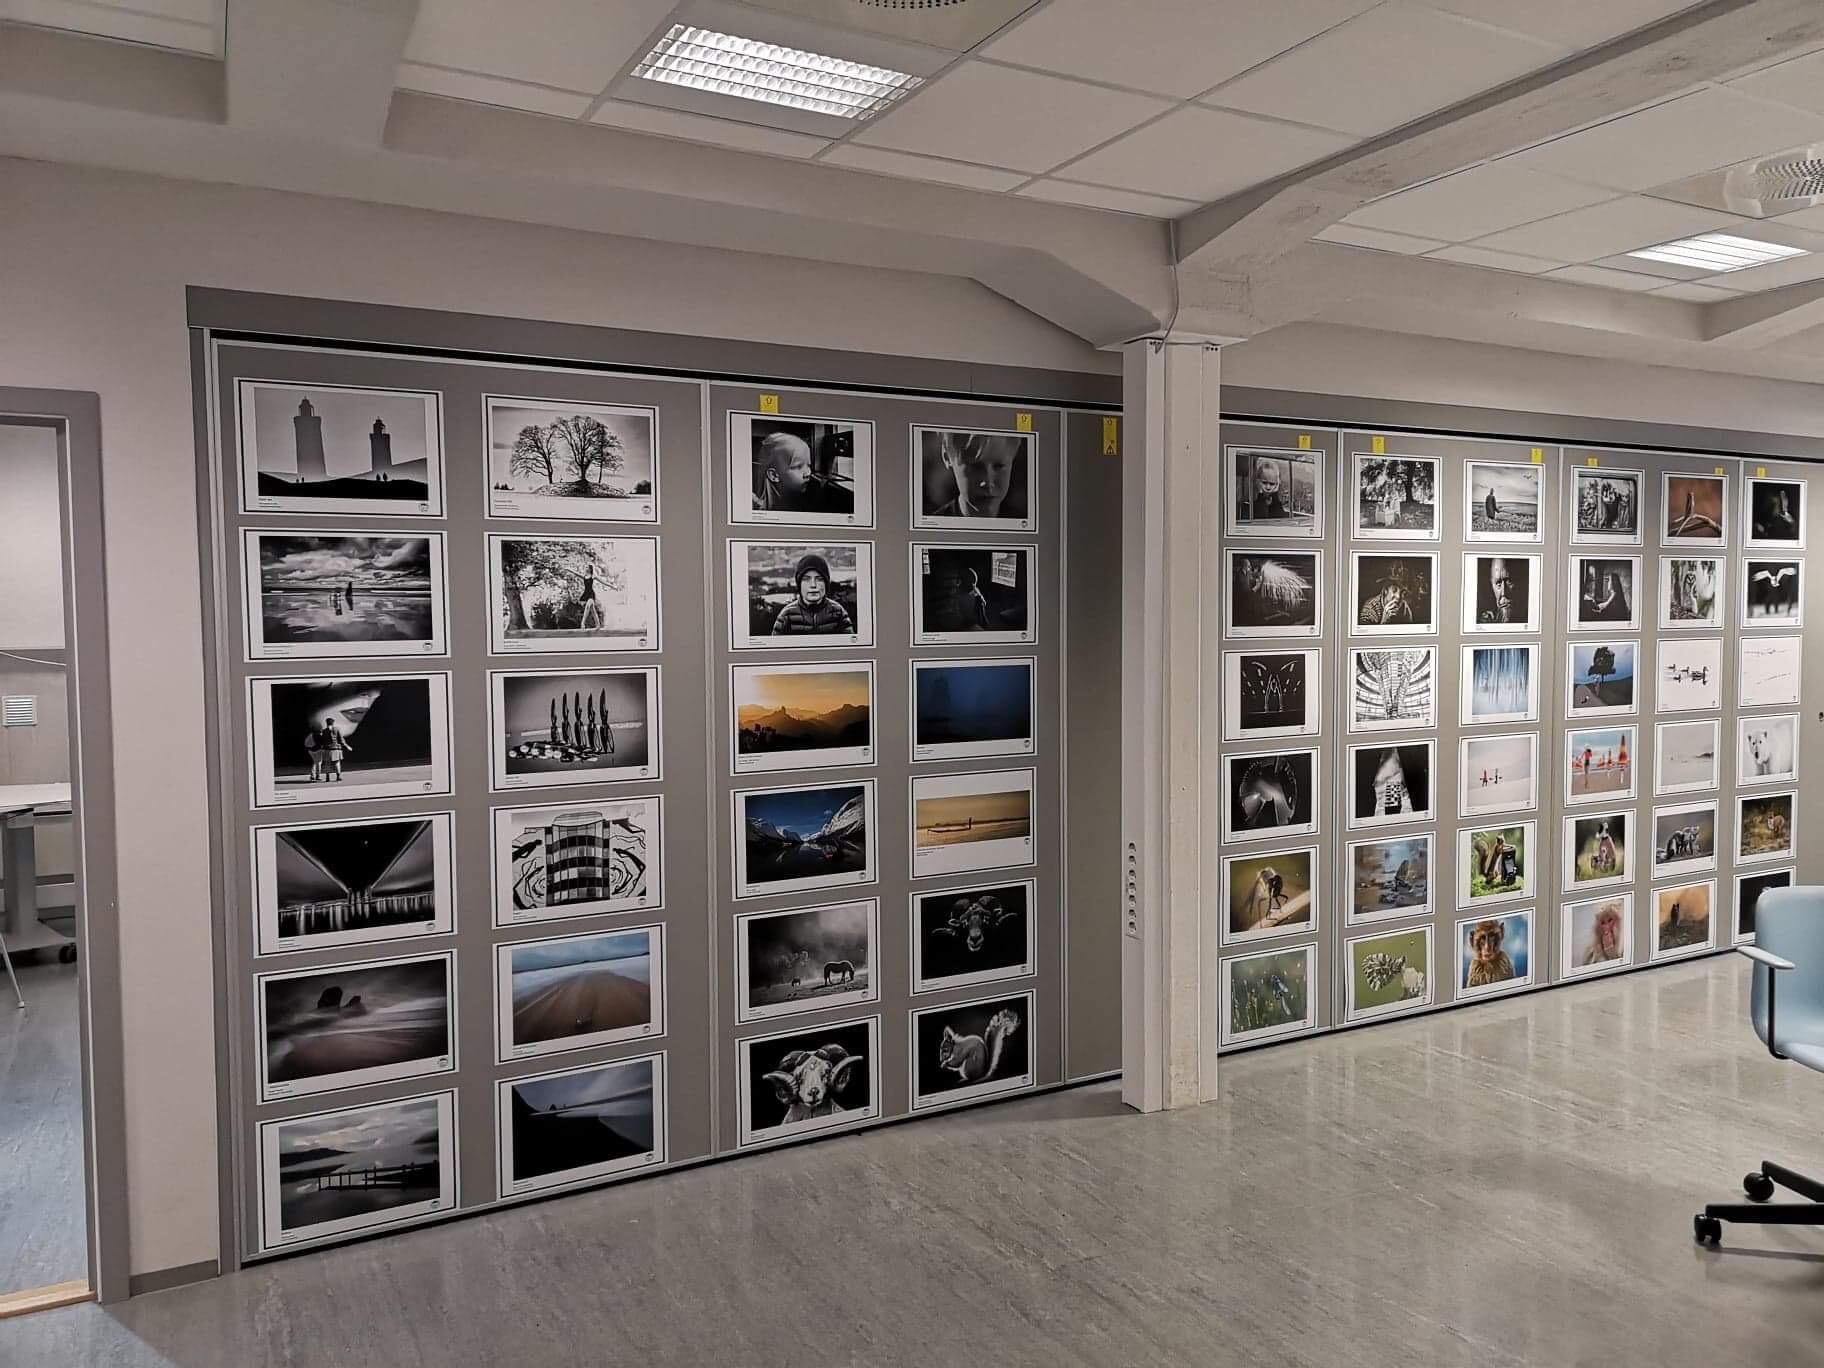 Et utvalg fra årets årbok på veggen! Foto: Jan Erik Bamrud